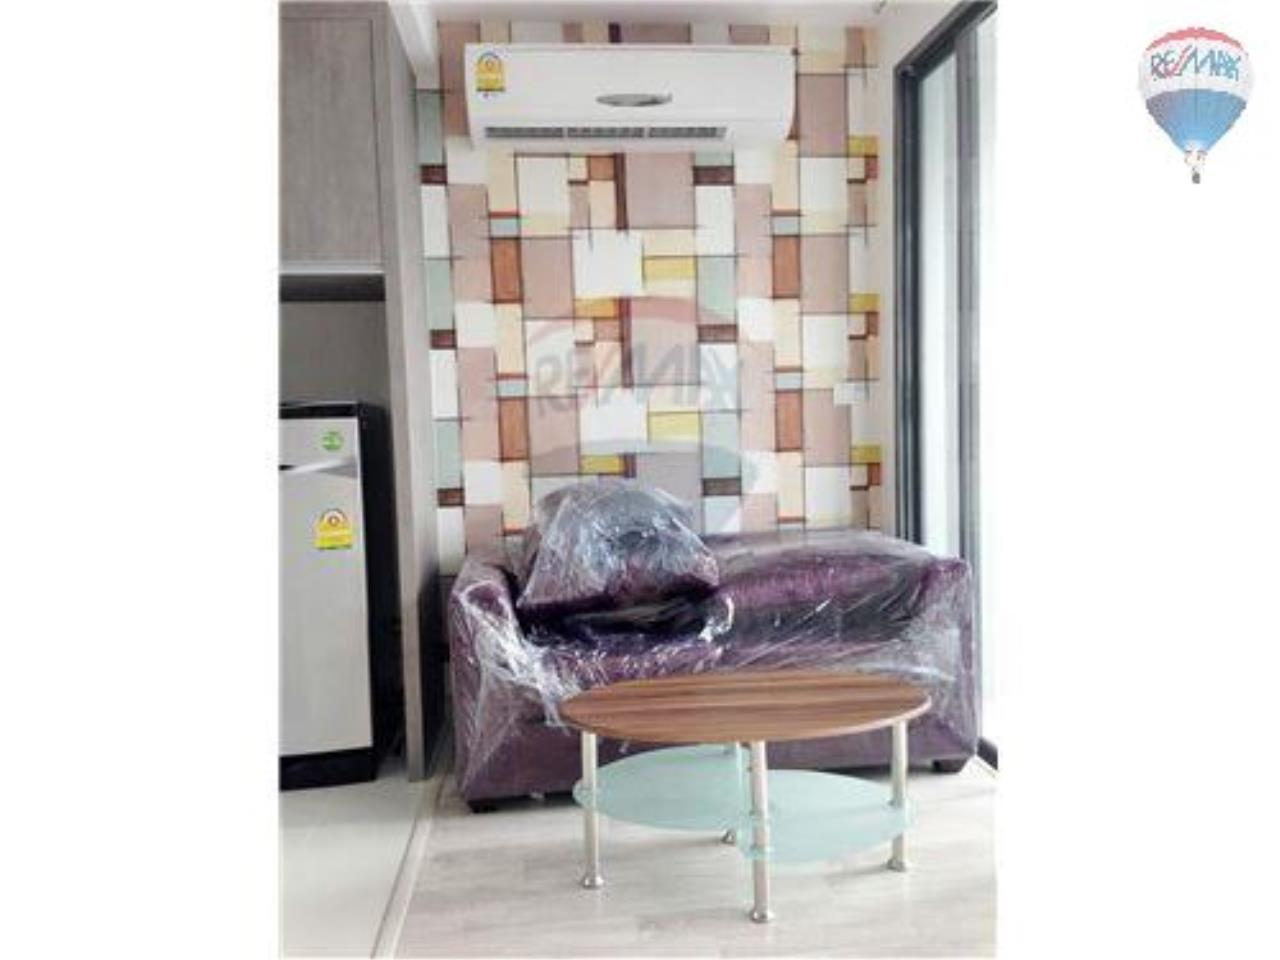 RE/MAX Properties Agency's Condominium for rent 43 Sq.M. at Ideo Mobi Sukhumvit 2